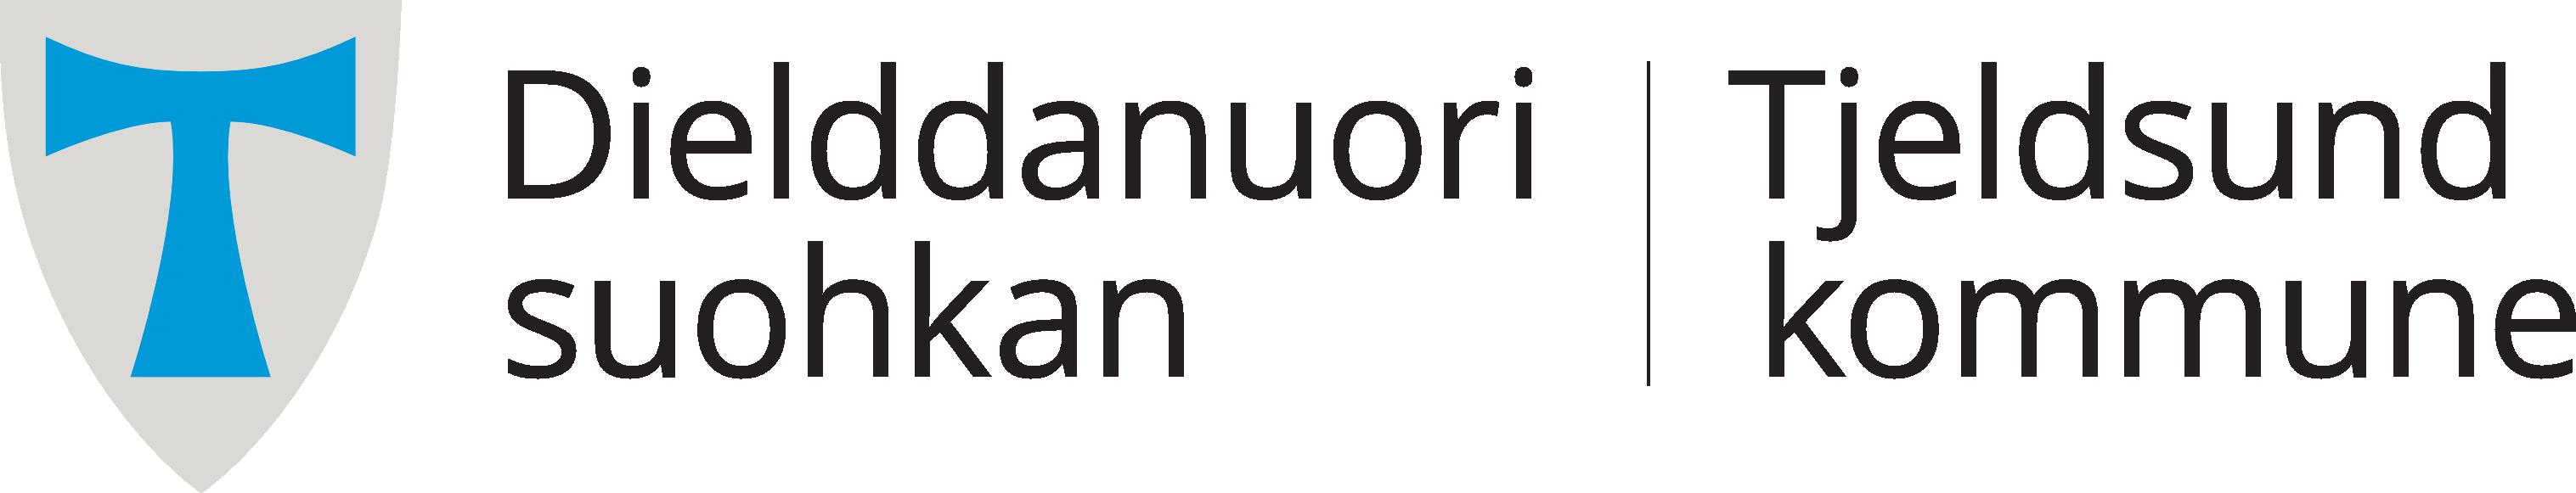 Tjeldsund Kommune logo